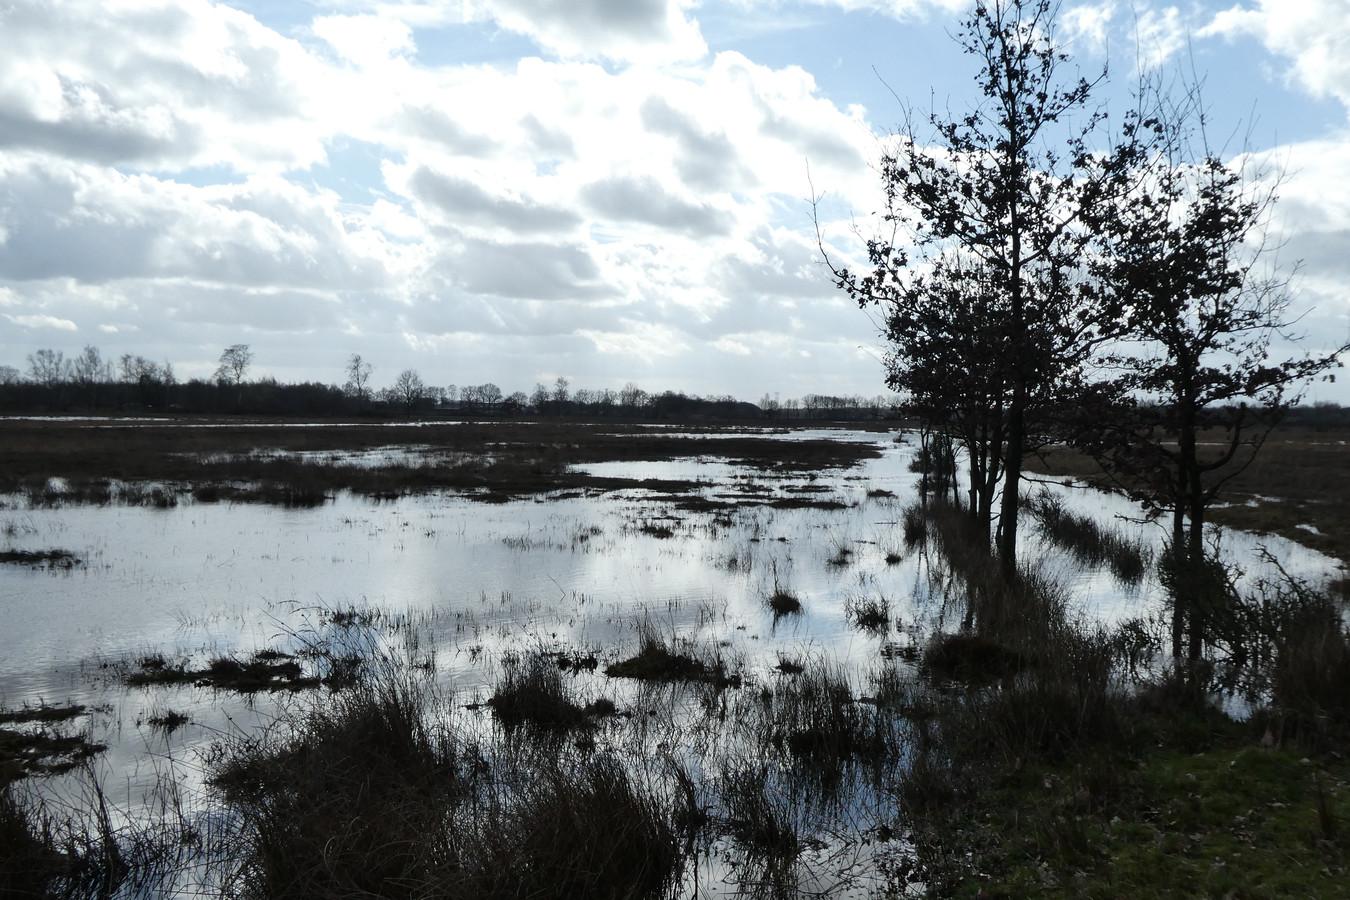 Bij Banisveld in het Natura-2000 gebied bij de Kampina zijn allerlei maatregelen al uitgevoerd om er een natte natuurparel van te maken.